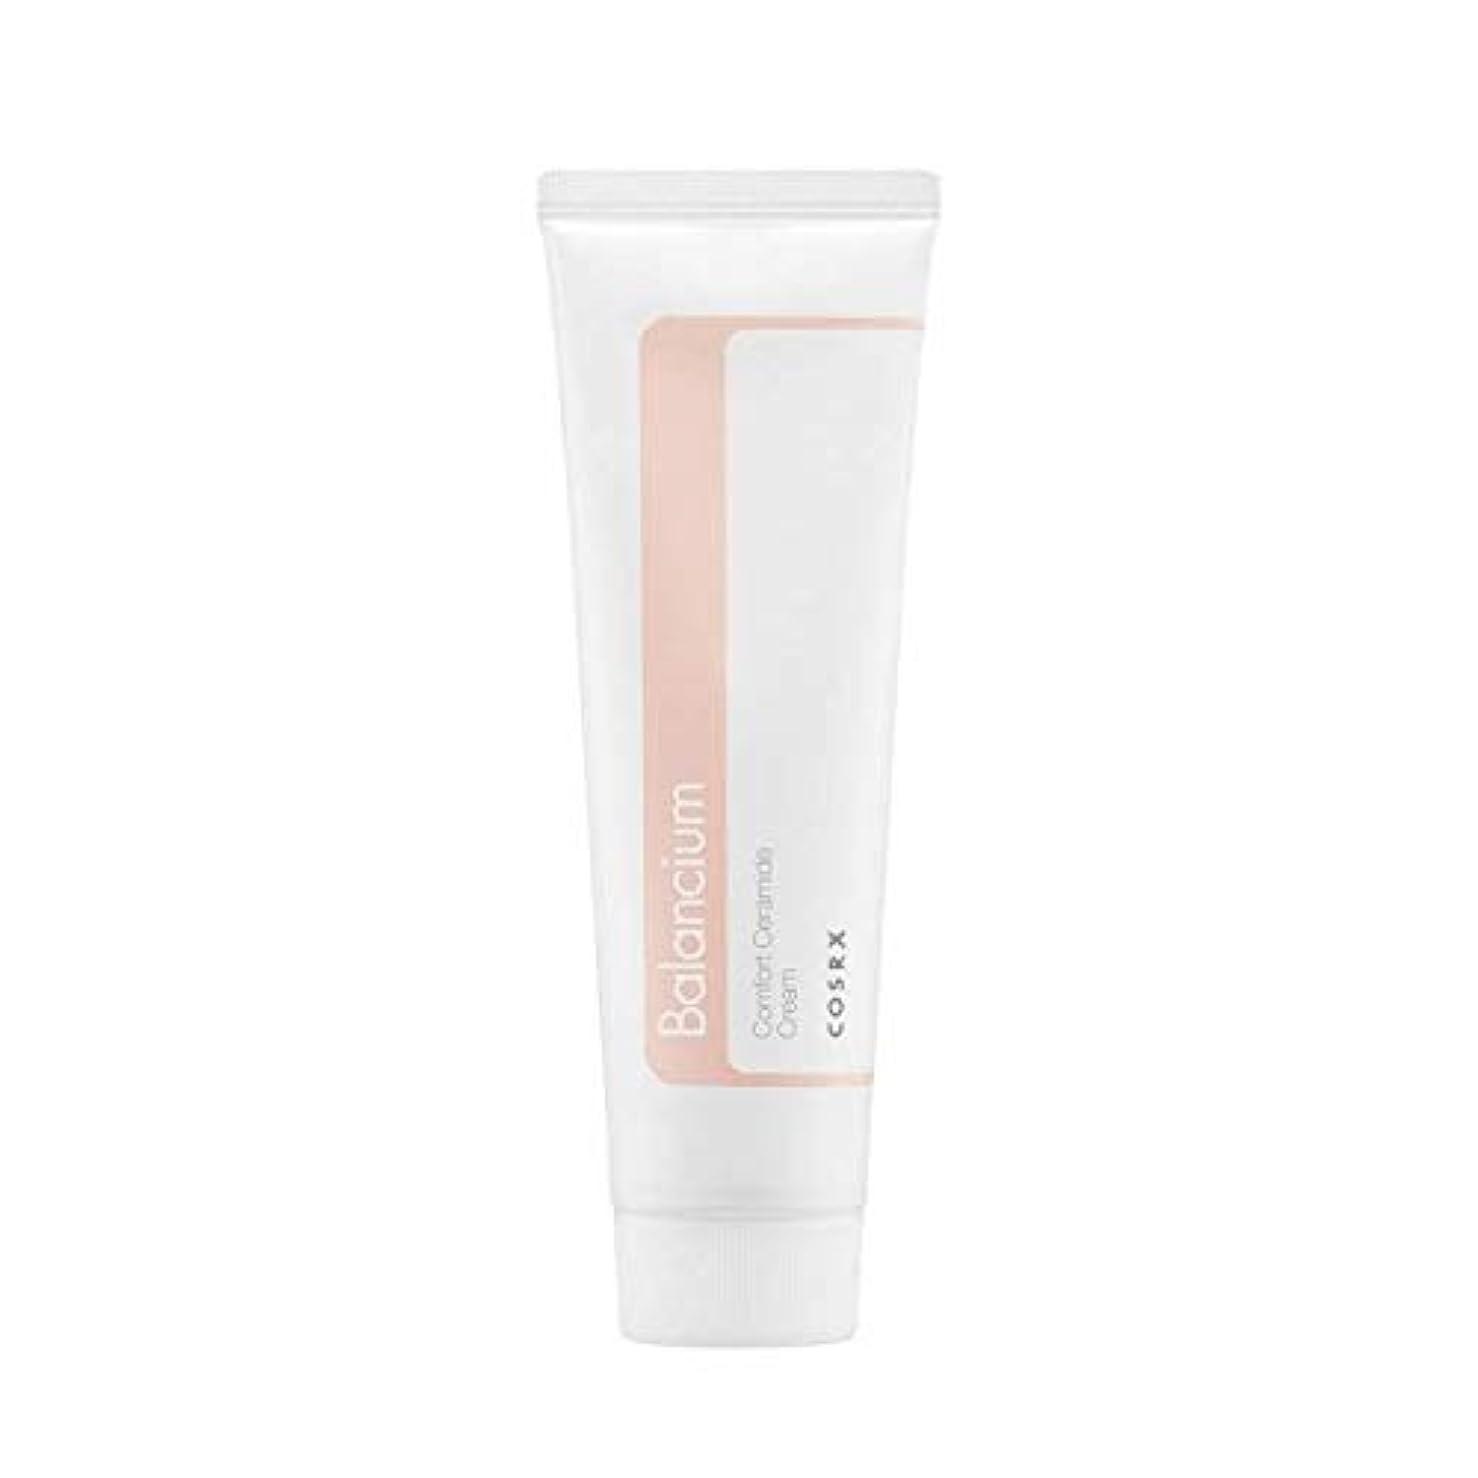 鎖挨拶ブラウスCOSRX バランシウム コンポート セラミド クリーム / Balancium Comfort Ceramide Cream (80g) [並行輸入品]